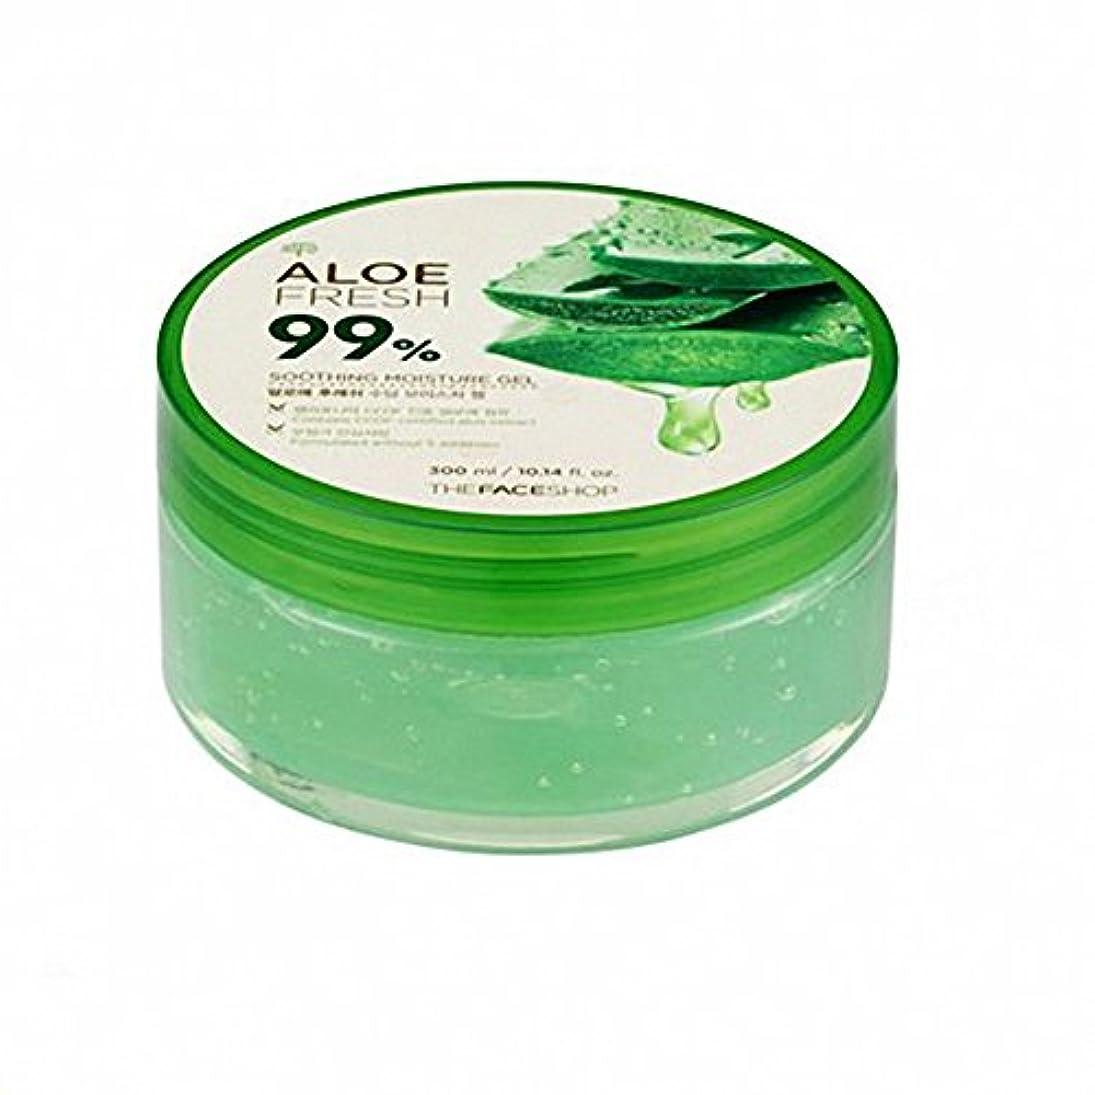 ソブリケット休憩議題ザ·フェイスショップ The Face Shopアロエフレッシュスージングモイスチャージェル(300ml) The Face Shop Aloe Fresh Soothing Moisture Gel 300ml [海外直送品]